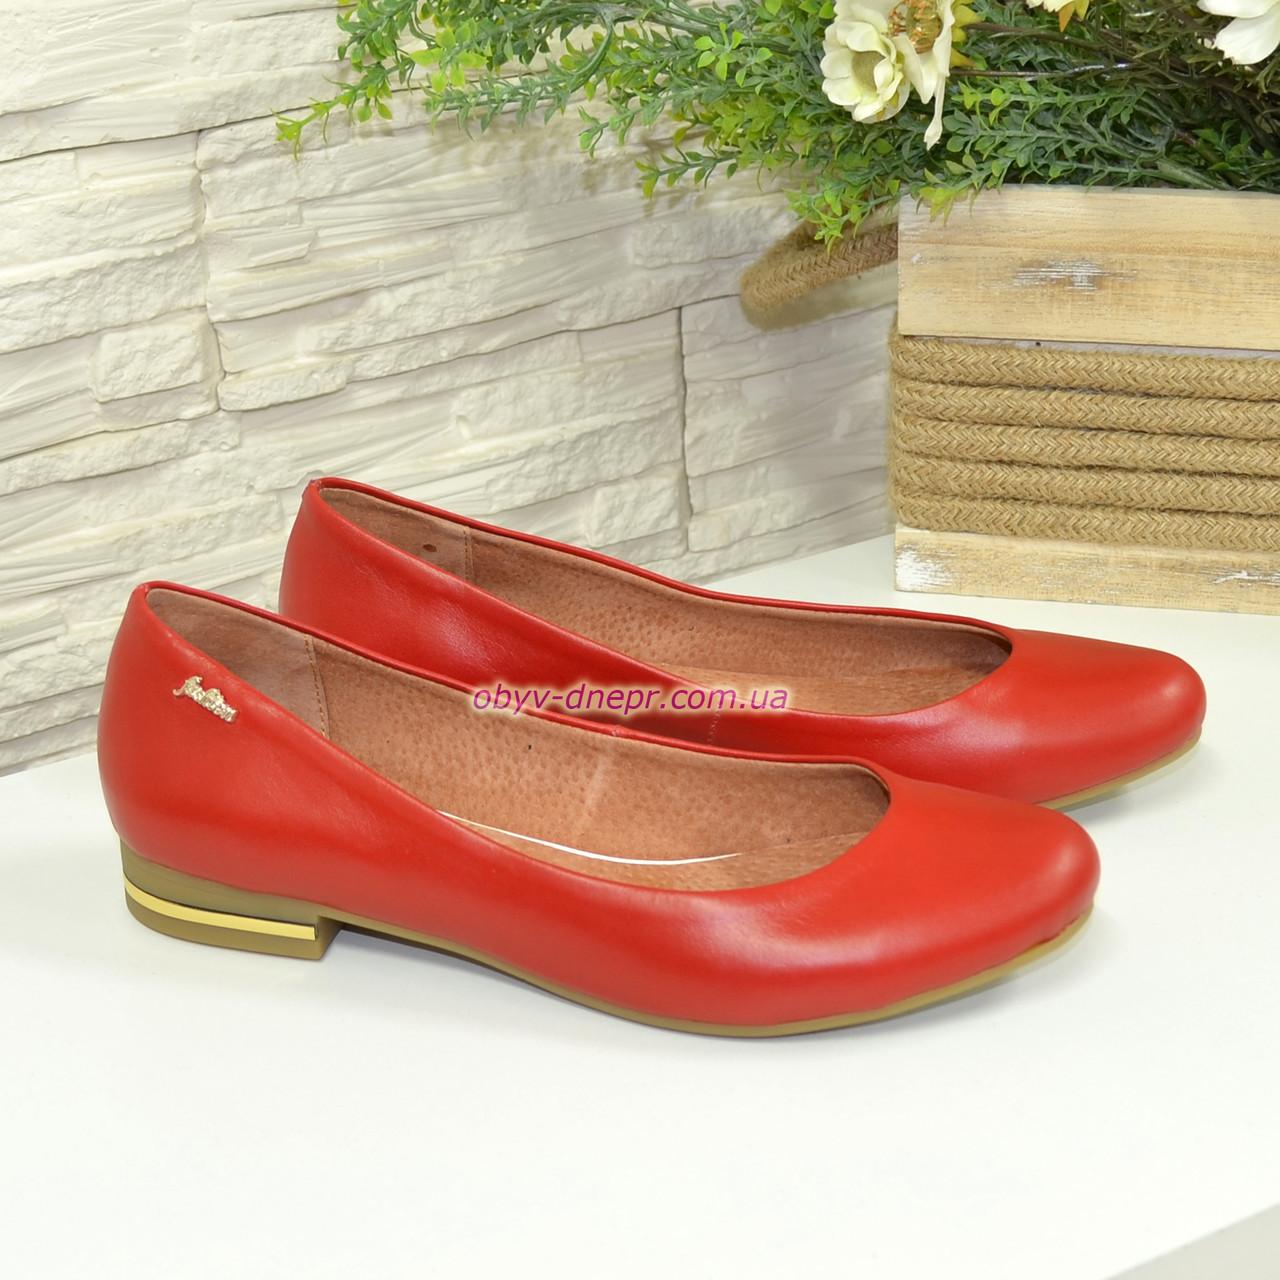 Туфли женские кожаные красного цвета